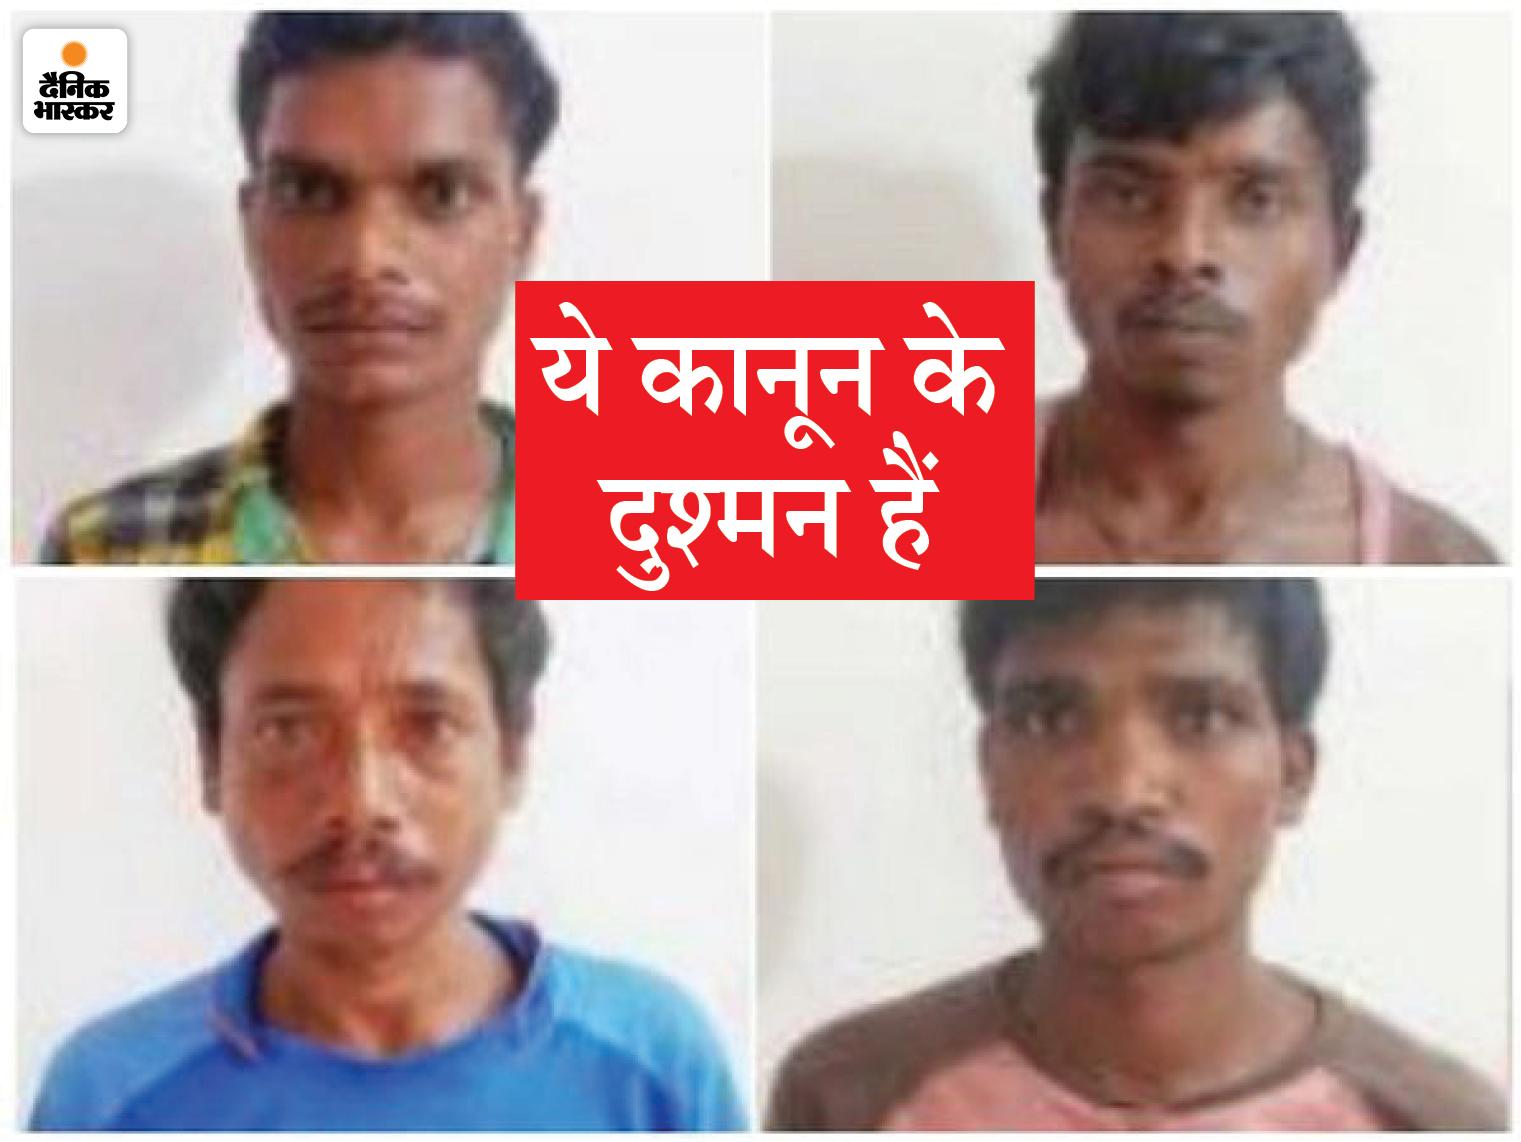 सुकमा में नक्सलियों ने IED ब्लास्ट कर की फायरिंग, DRG के 2 जवान घायल; जवाबी कार्रवाई में भागे नक्सली, कैंप ध्वस्त, 4 गिरफ्तार|छत्तीसगढ़,Chhattisgarh - Dainik Bhaskar